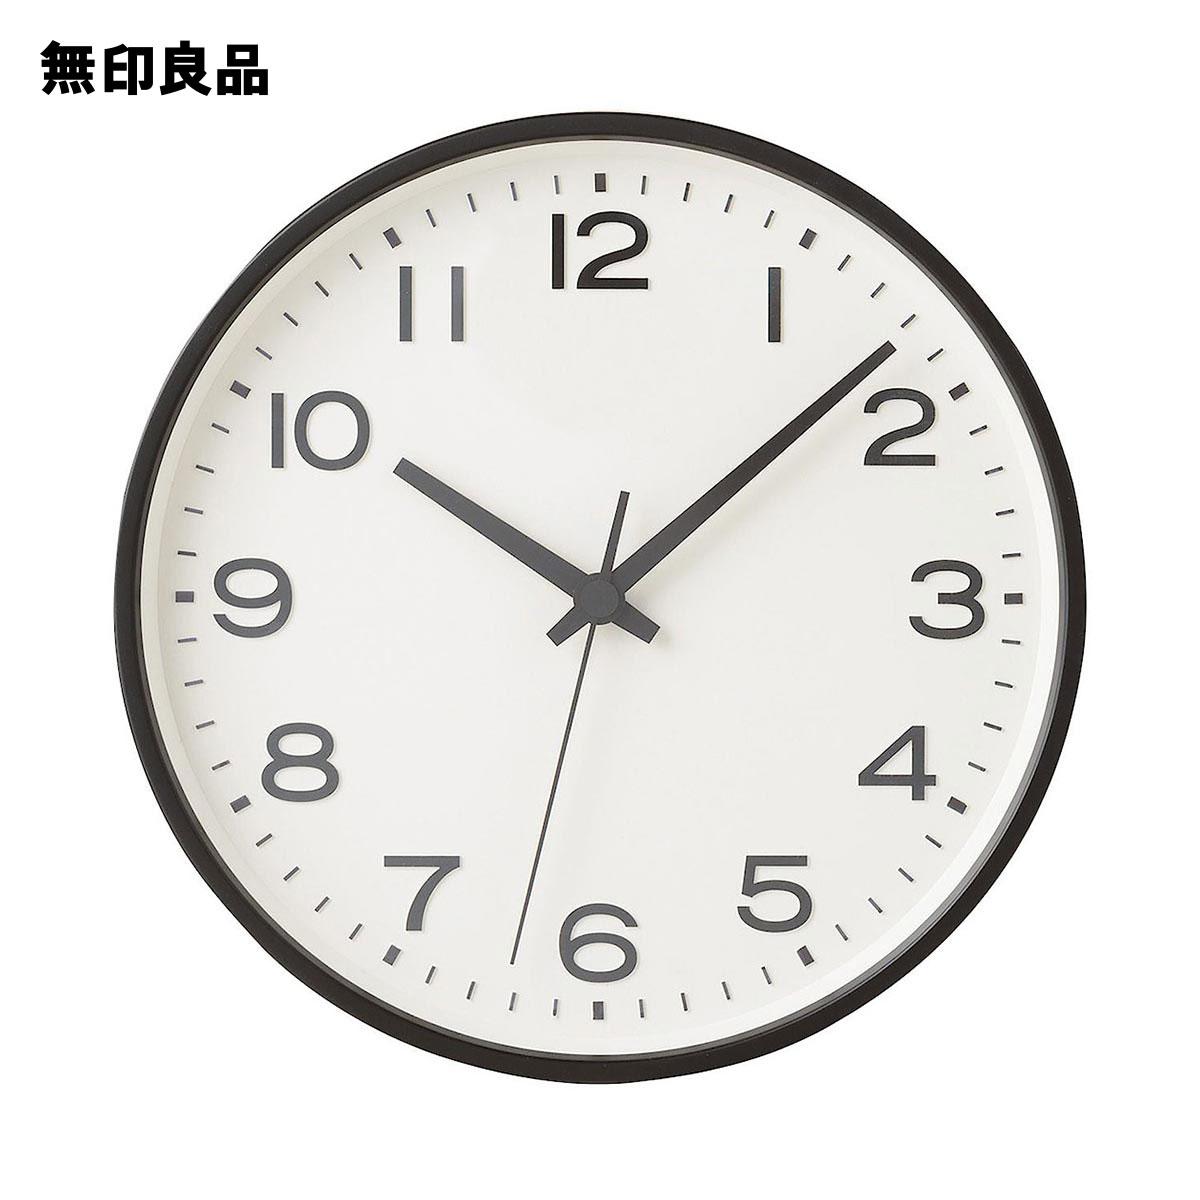 無印良品 公式 アナログ時計 ブラック 商い MJ-ACLBK2 海外輸入 大